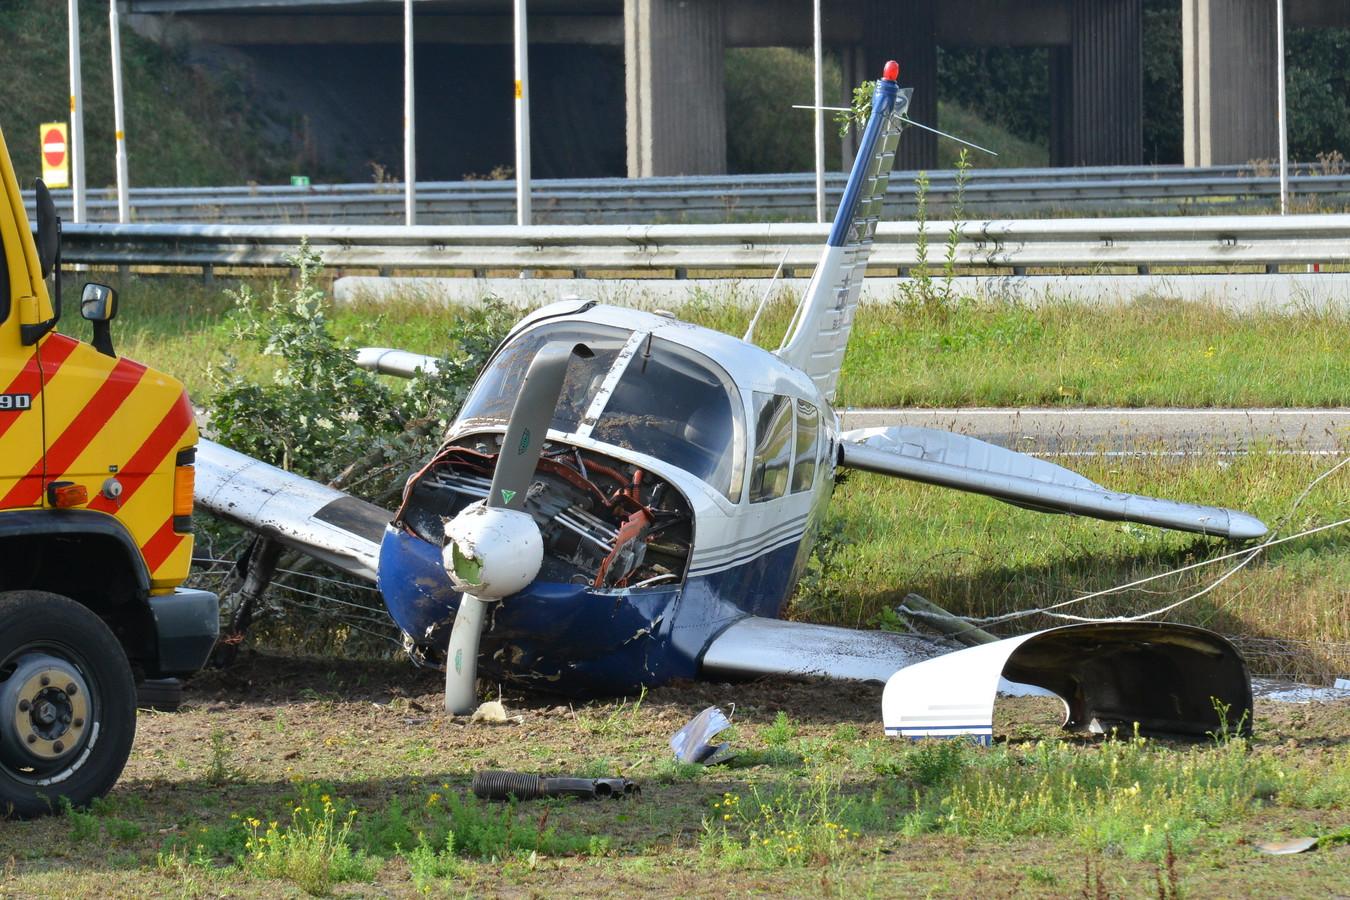 Vliegtuig van baan geschoten Breda International Airport